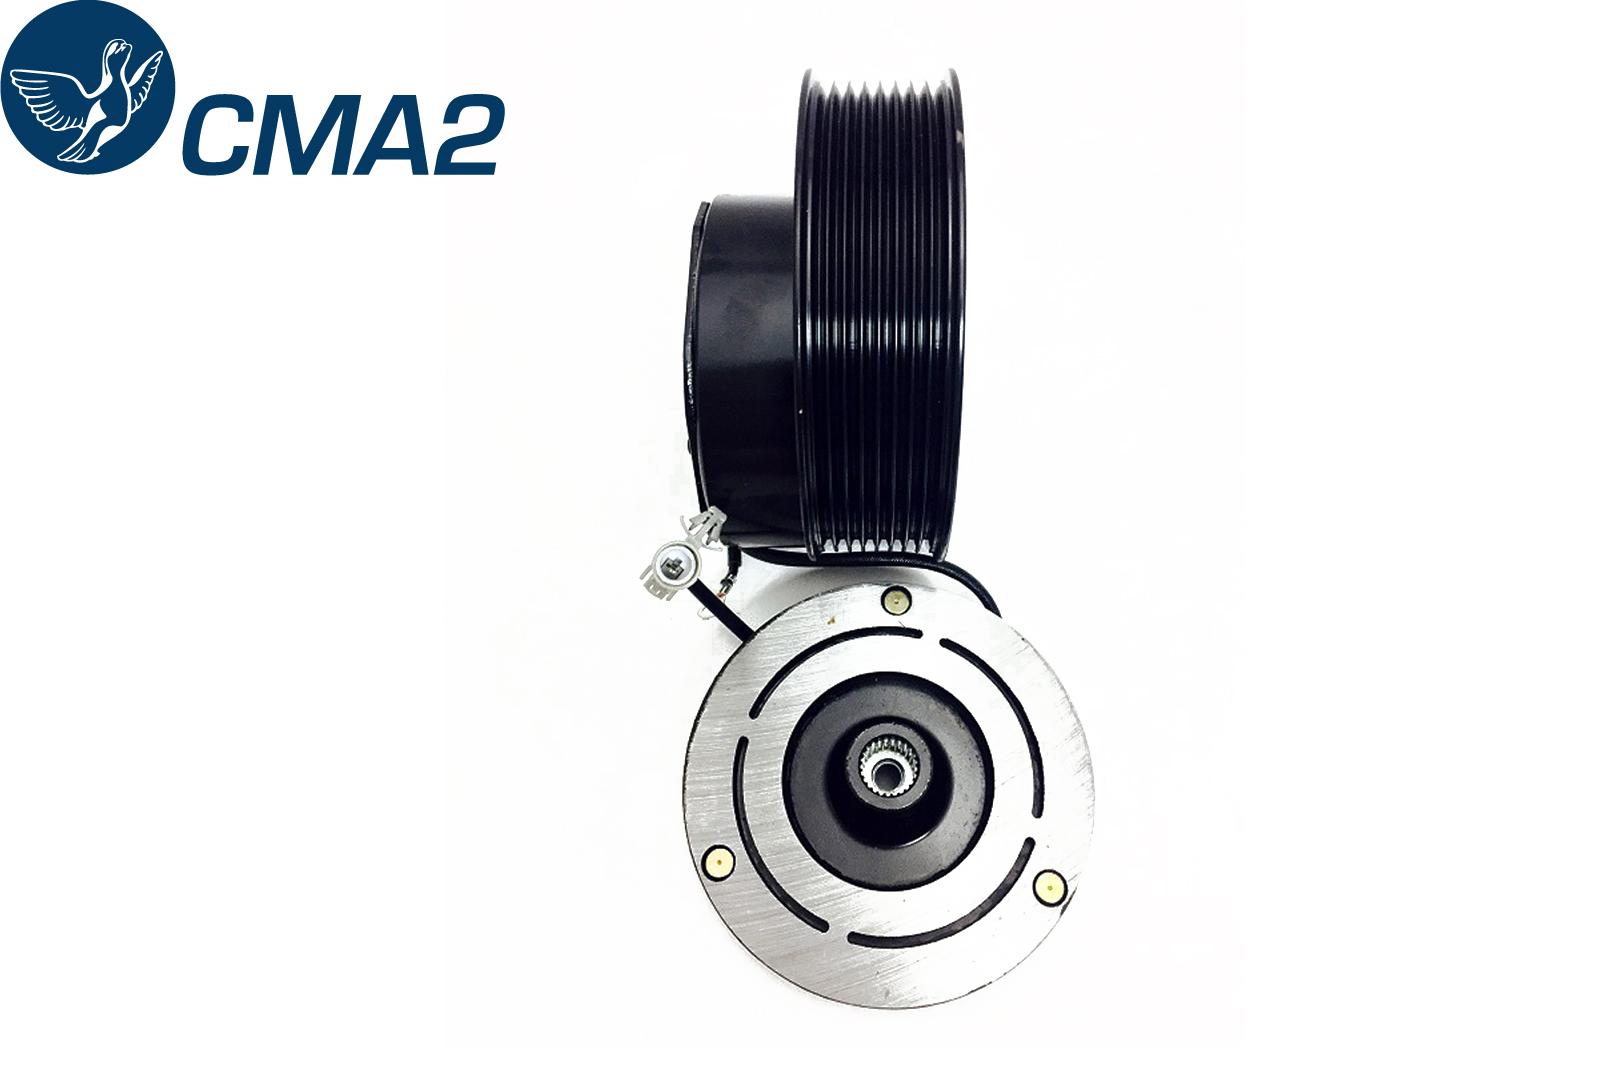 Муфта компрессора кондиционера Лексус ЛХ 570 ,Муфта компрессора кондиционера Lexus LX 570, 884106A090, 88410-6A090.